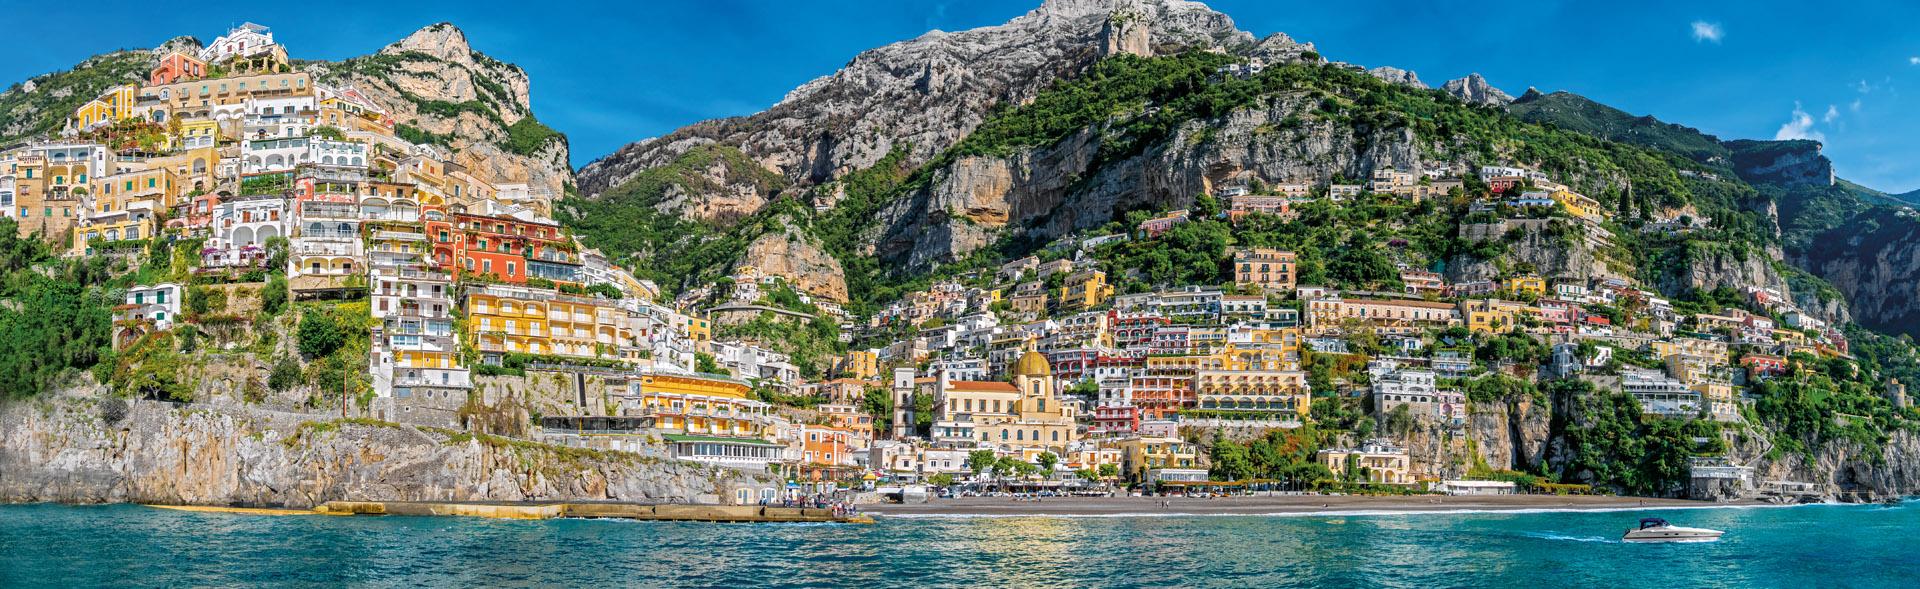 Amalfi-Fotolia_47973481_XXL_1920x589